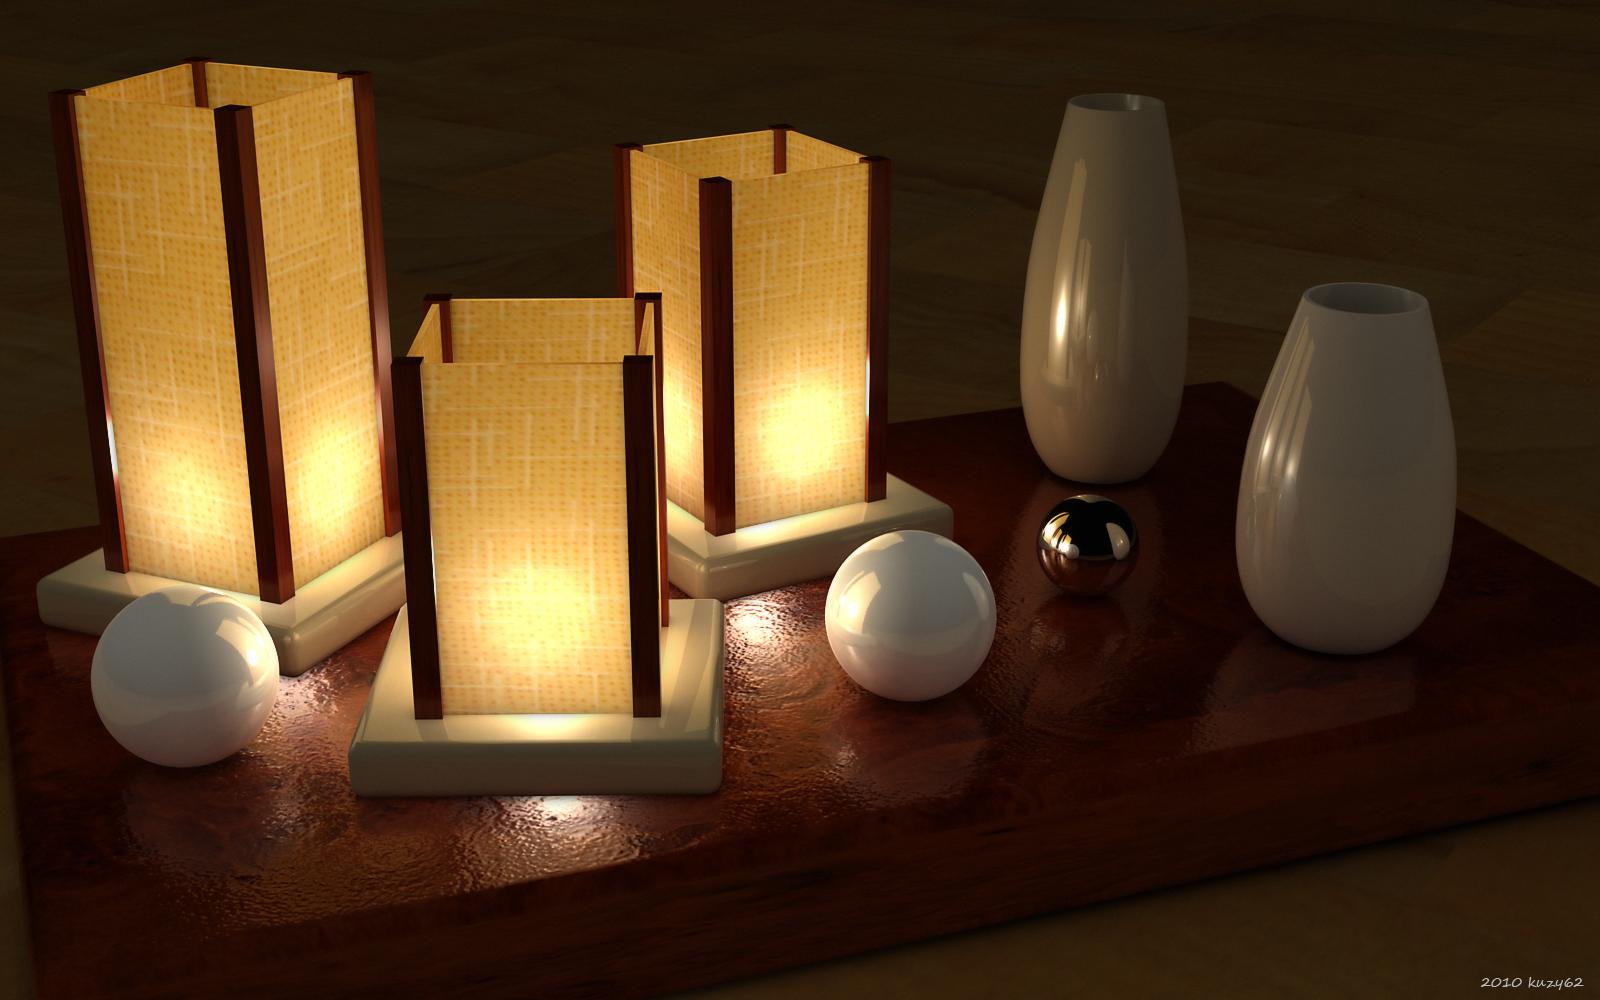 A Warm Glow by kuzy62